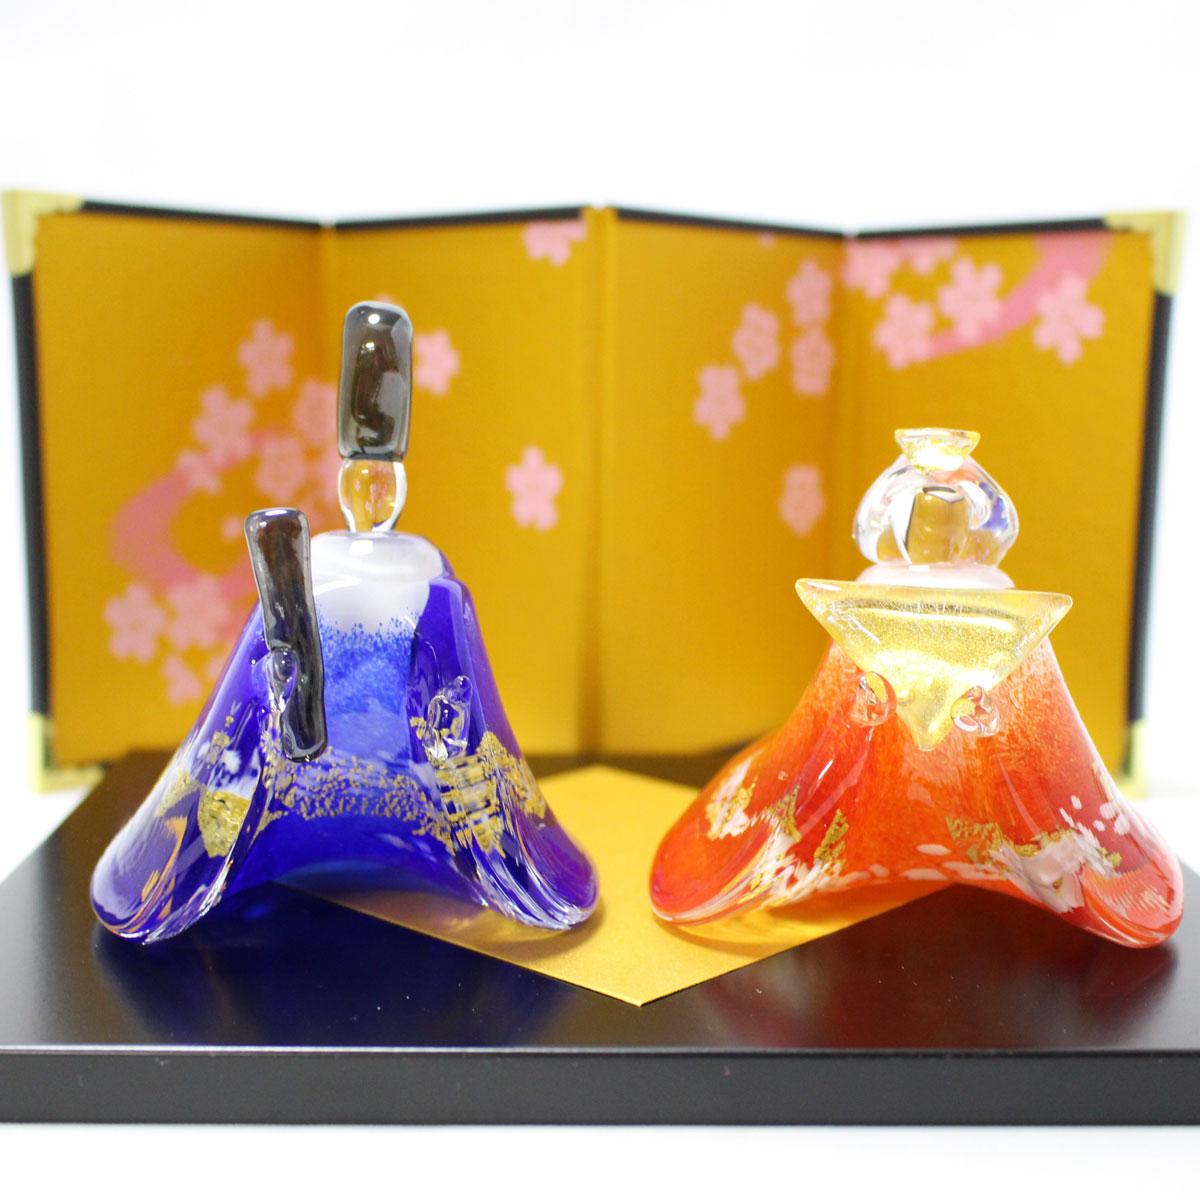 ガラスのお雛様 やよい雛(青・赤) glass calico グラスキャリコ ハンドメイド ガラスアート 雛人形 ひな人形 おひなさま 桃の節句 オブジェ コンパクト おしゃれ ギフト プレゼント